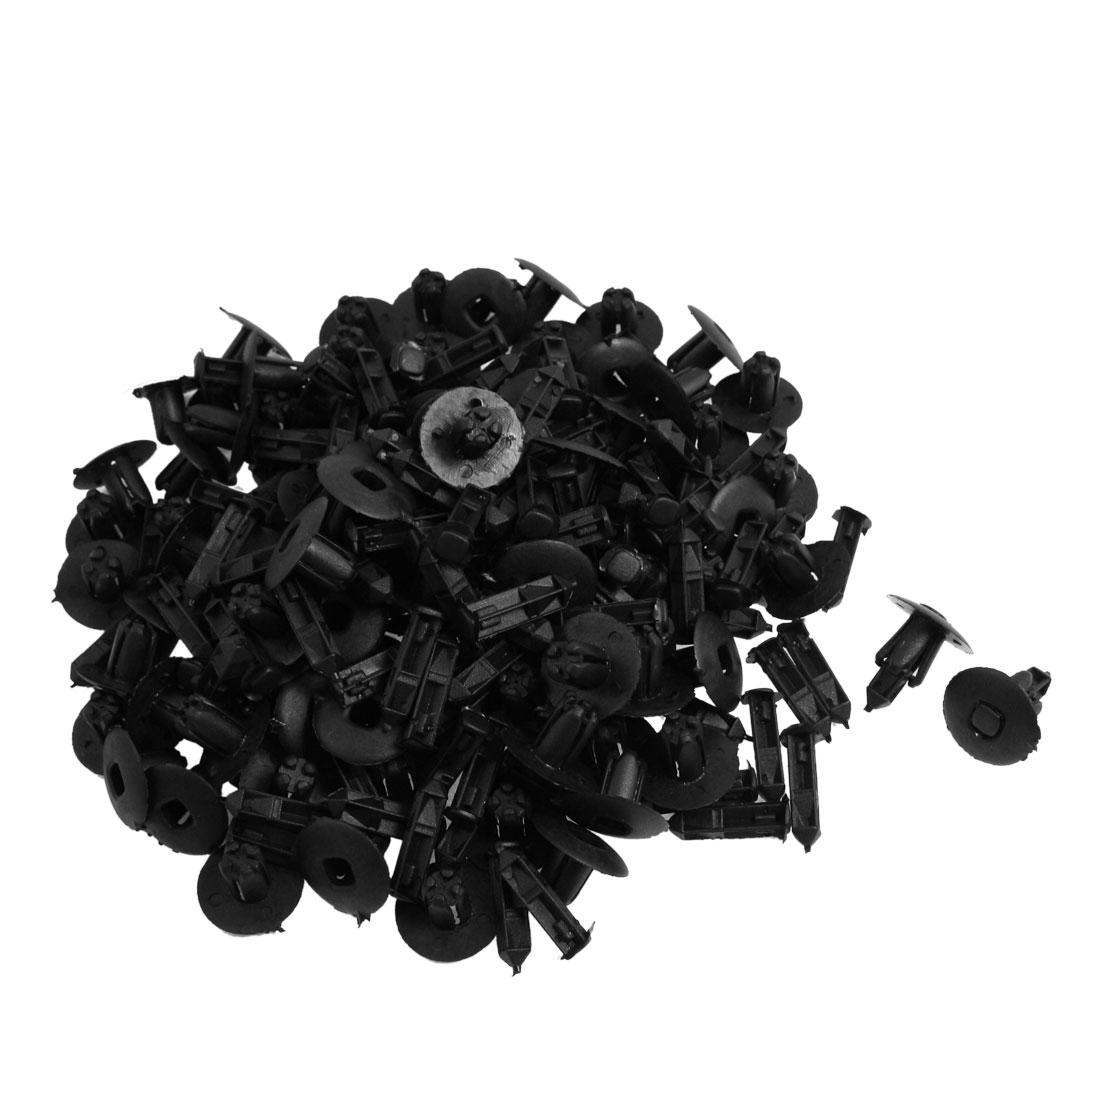 100 Pcs Car 8mm Hole Black Plastic Rivets Fastener Fender Bumper Clips